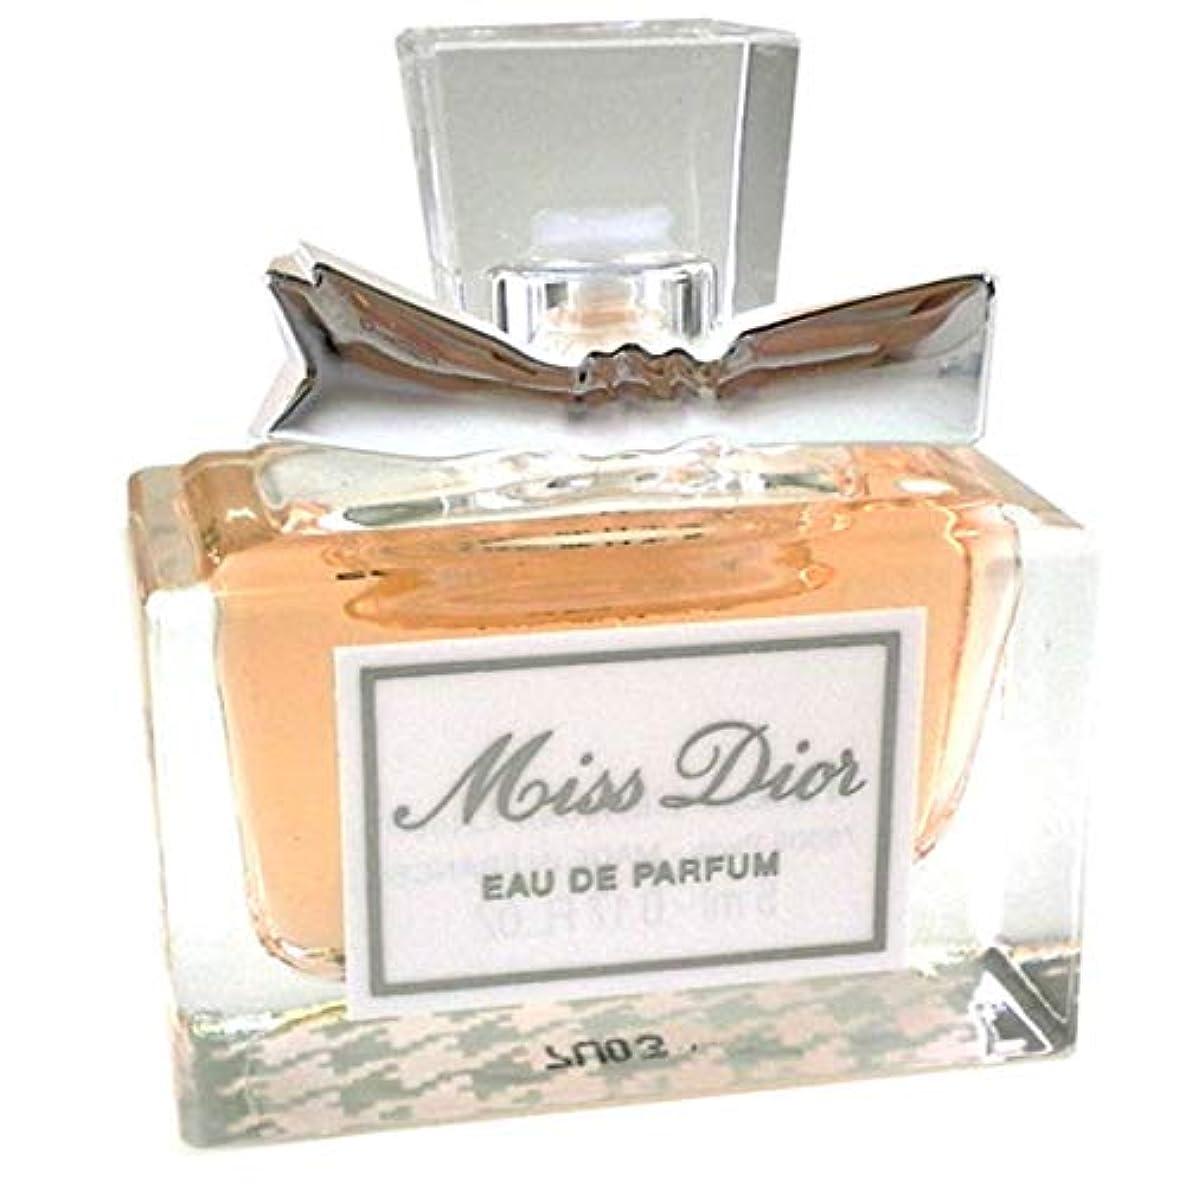 パケットグッゲンハイム美術館淡いDior ディオール 香水 ミス ディオール Miss Dior 5ml ブレスレット アンクレット アクセサリー ミニサイズ ミニコスメ トラベル 化粧 メイク コスメ ピンク 海外限定